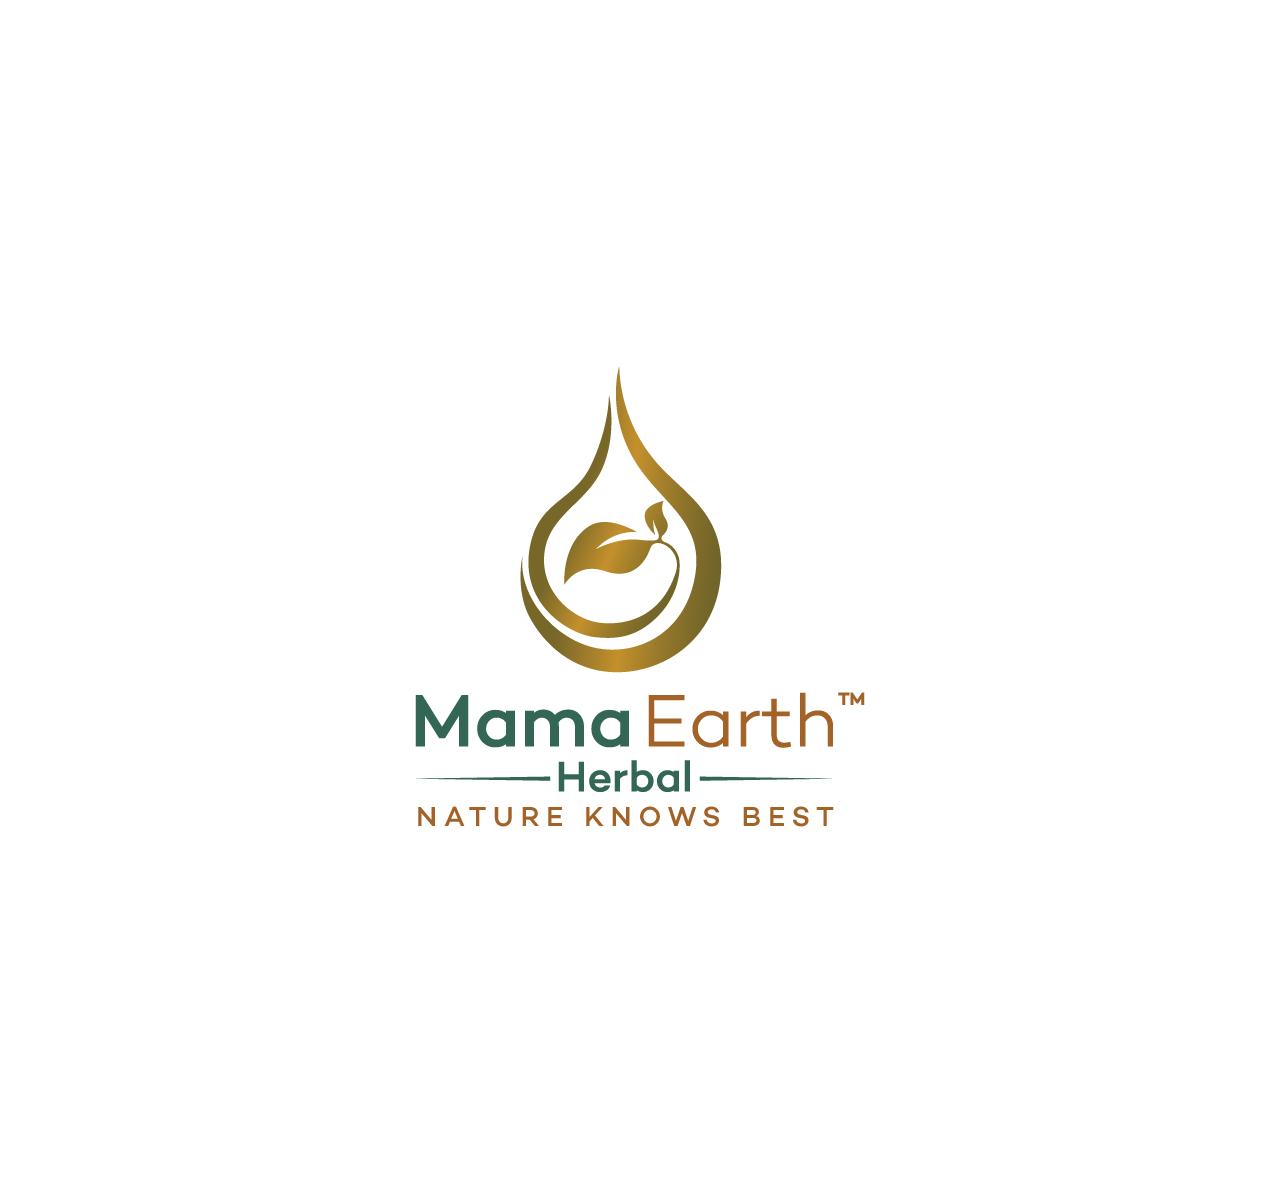 MamaEarth.png